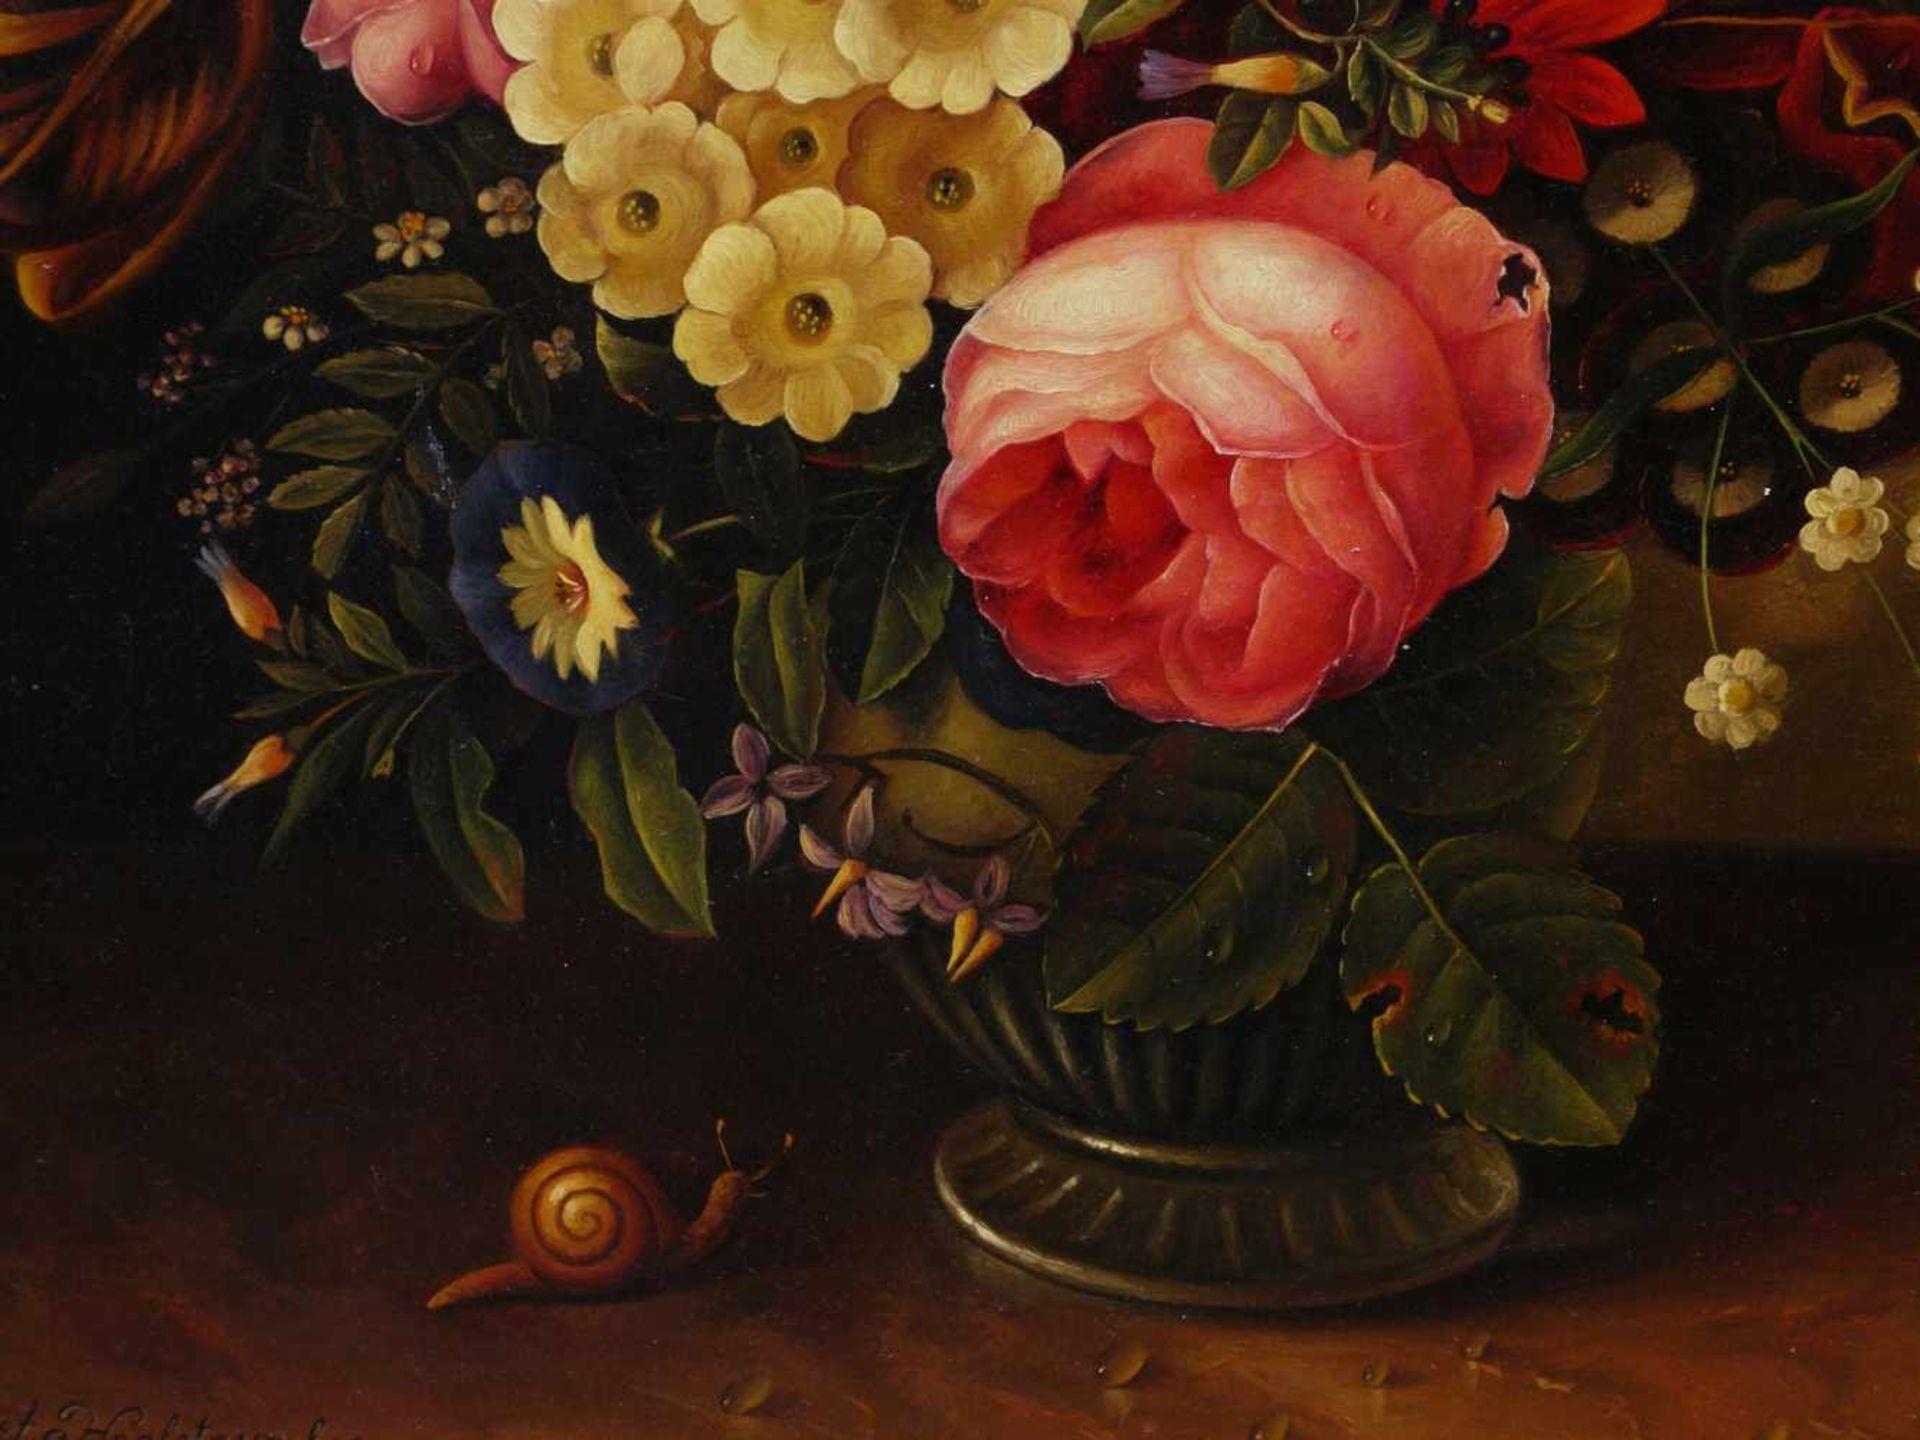 Holstayn, Josef (1930-?) - BlumenstückFeinste Malerei in typischer Manier des Künstler. Meisterhafte - Bild 4 aus 10